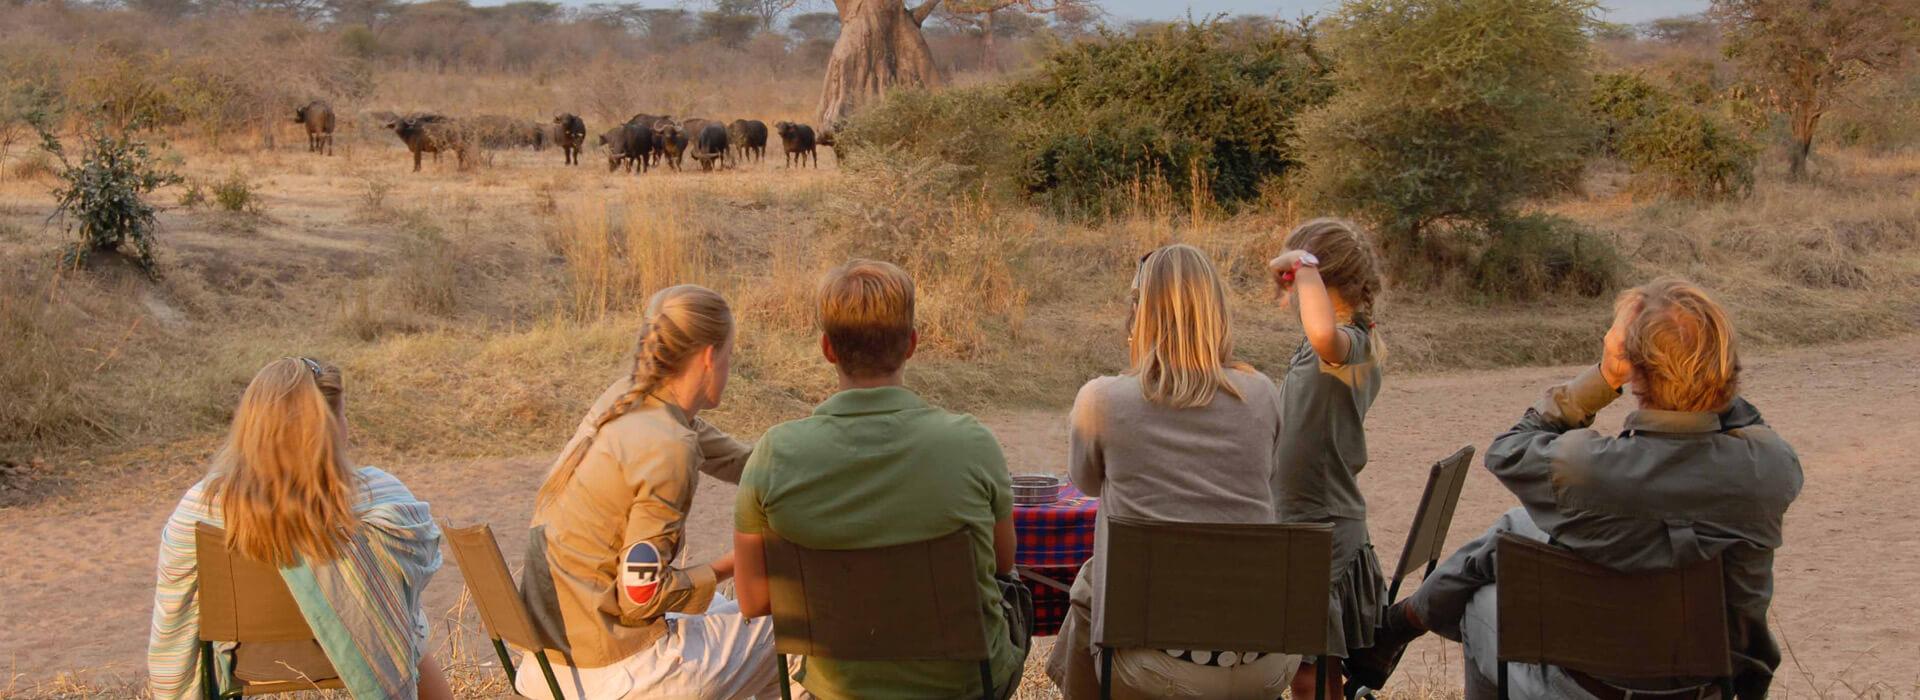 6 Days Incredible Tanzania Safari